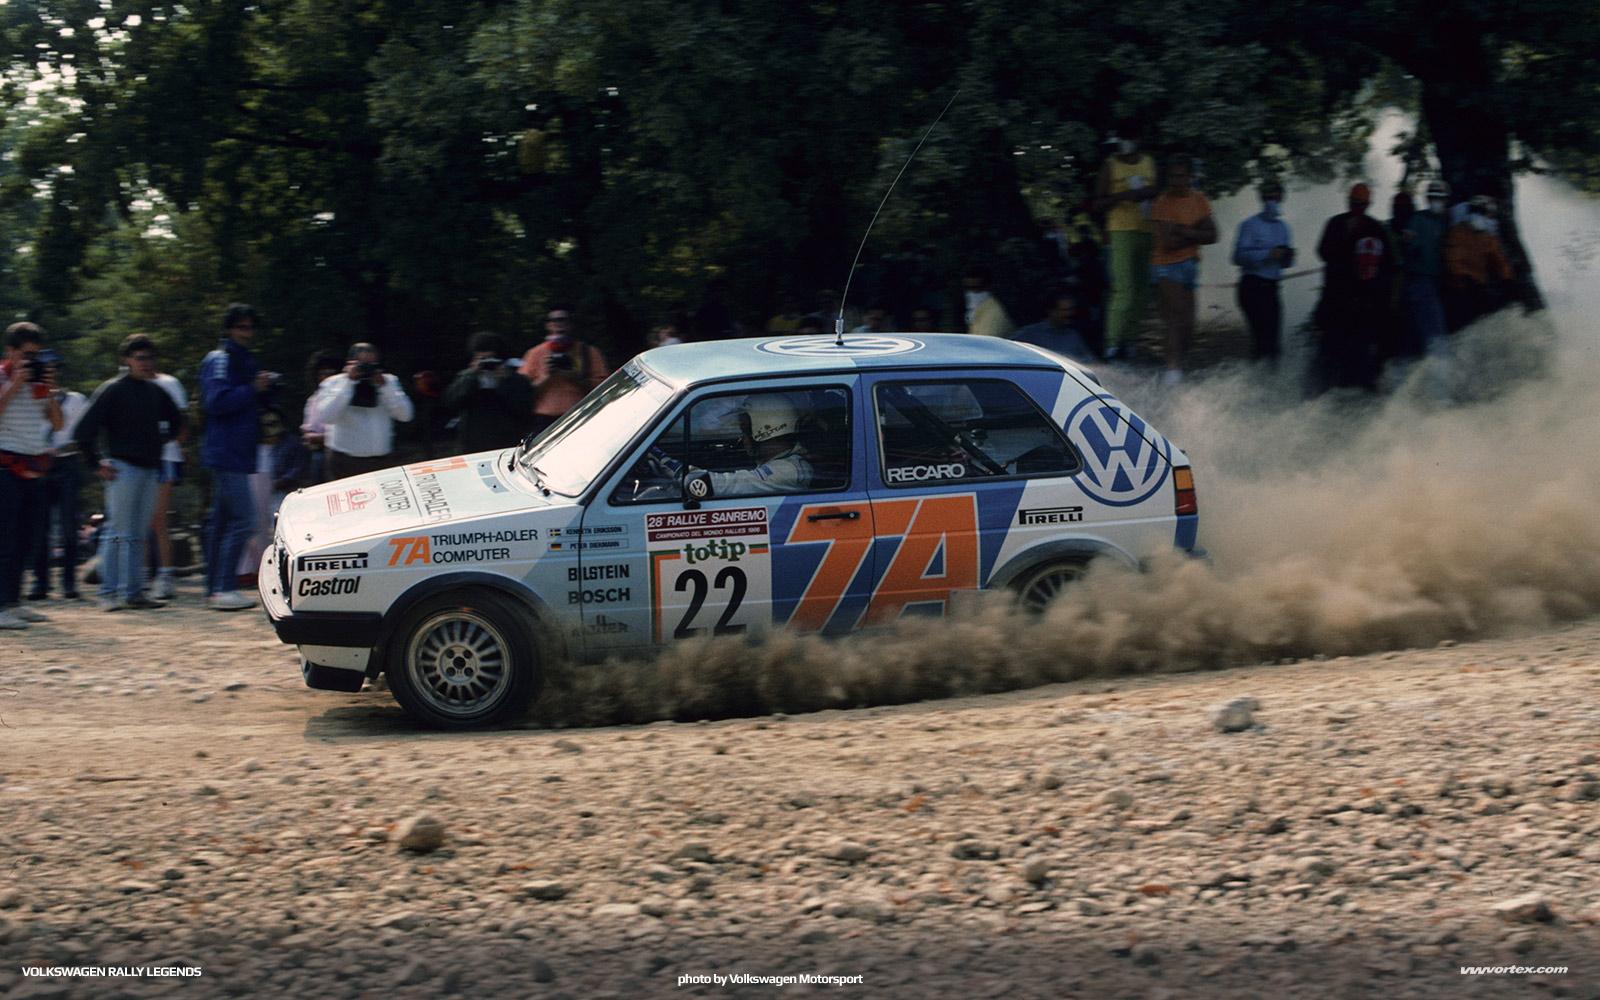 volkswagen-rally-legends-387